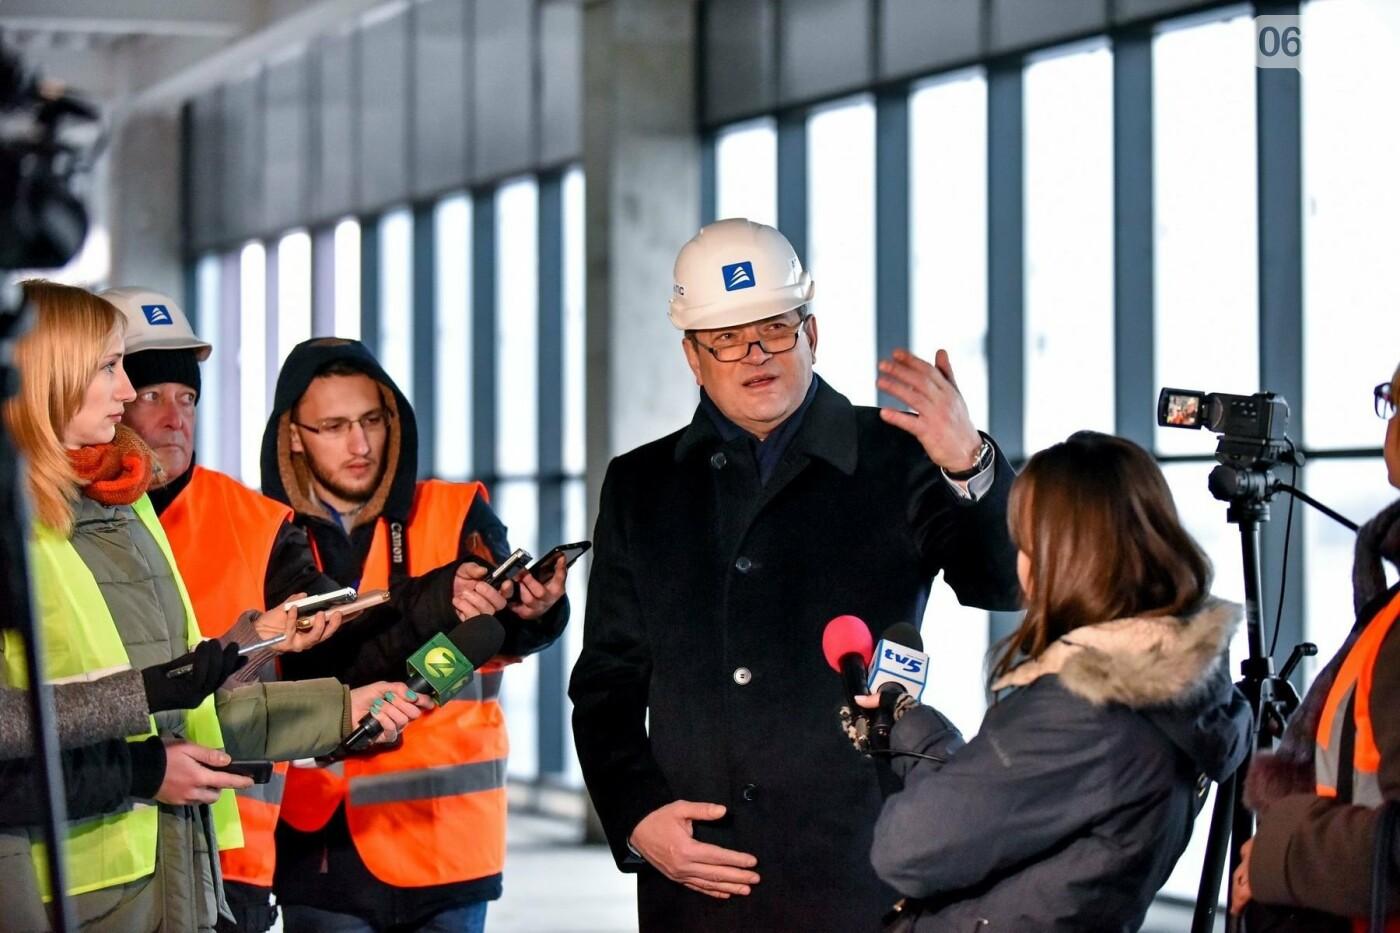 Запорожский аэропорт возьмет кредит на строительство терминала и прогнозирует увеличение пассажиропотока до одного миллиона, — ФОТОРЕПОРТАЖ, фото-19